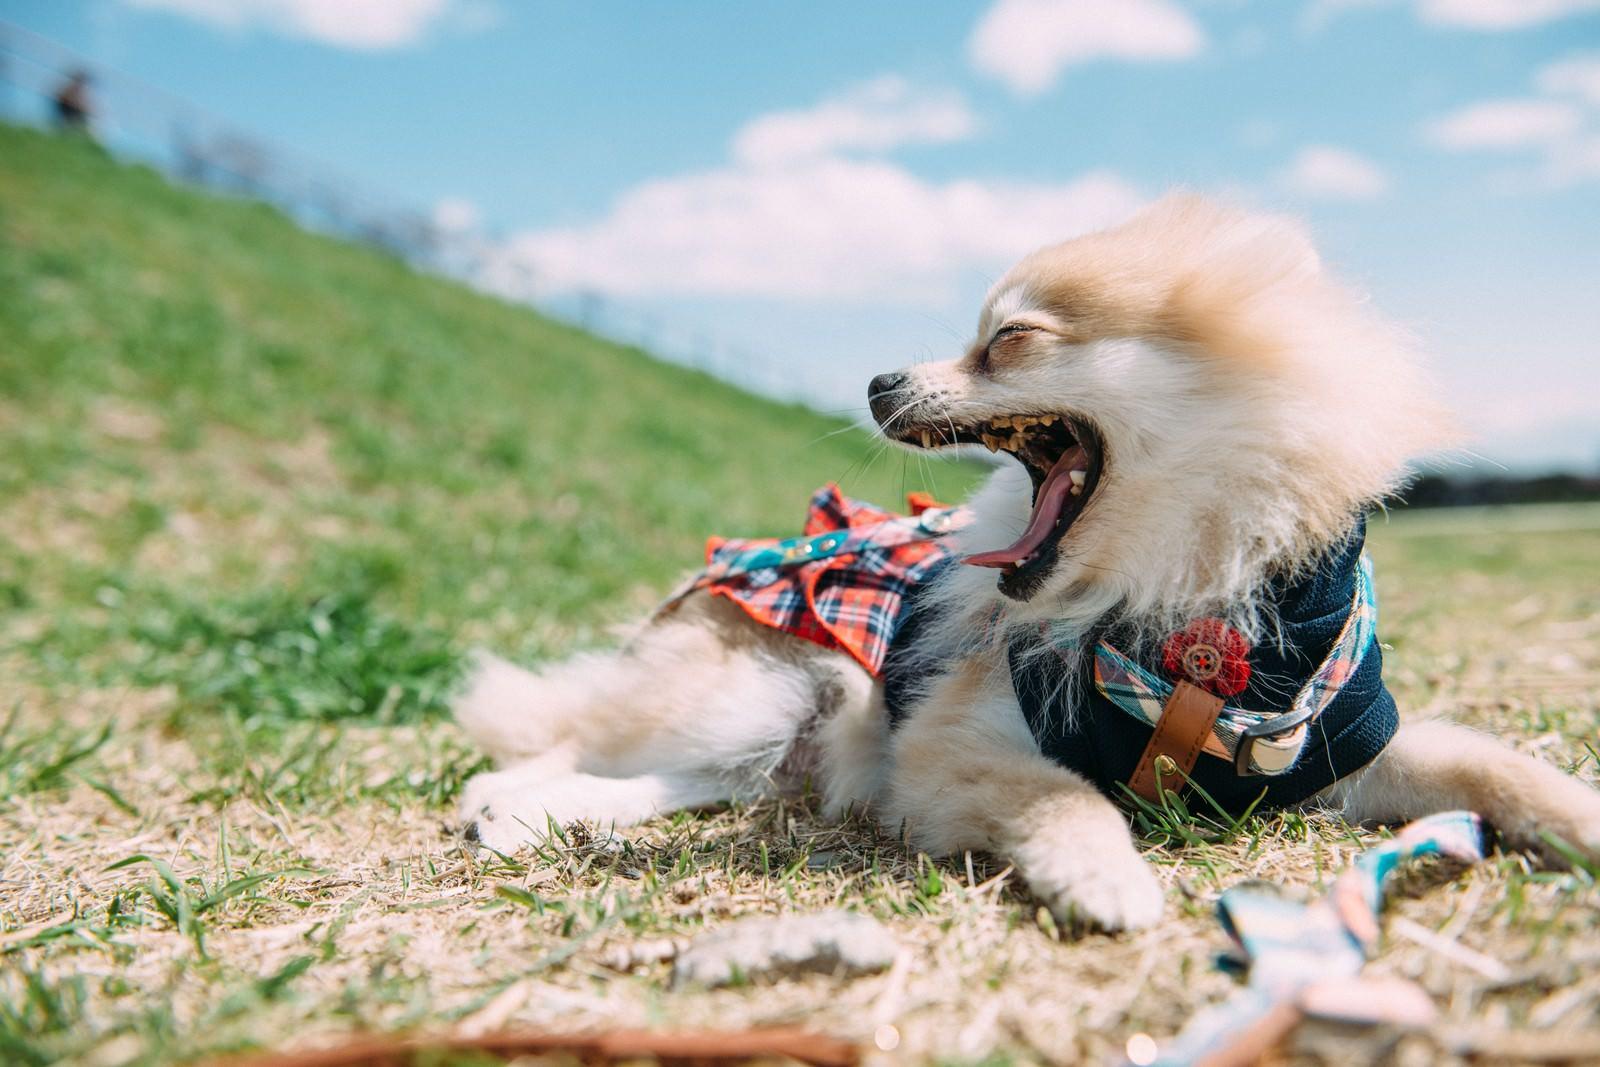 「大きくあくびをする小型犬」の写真